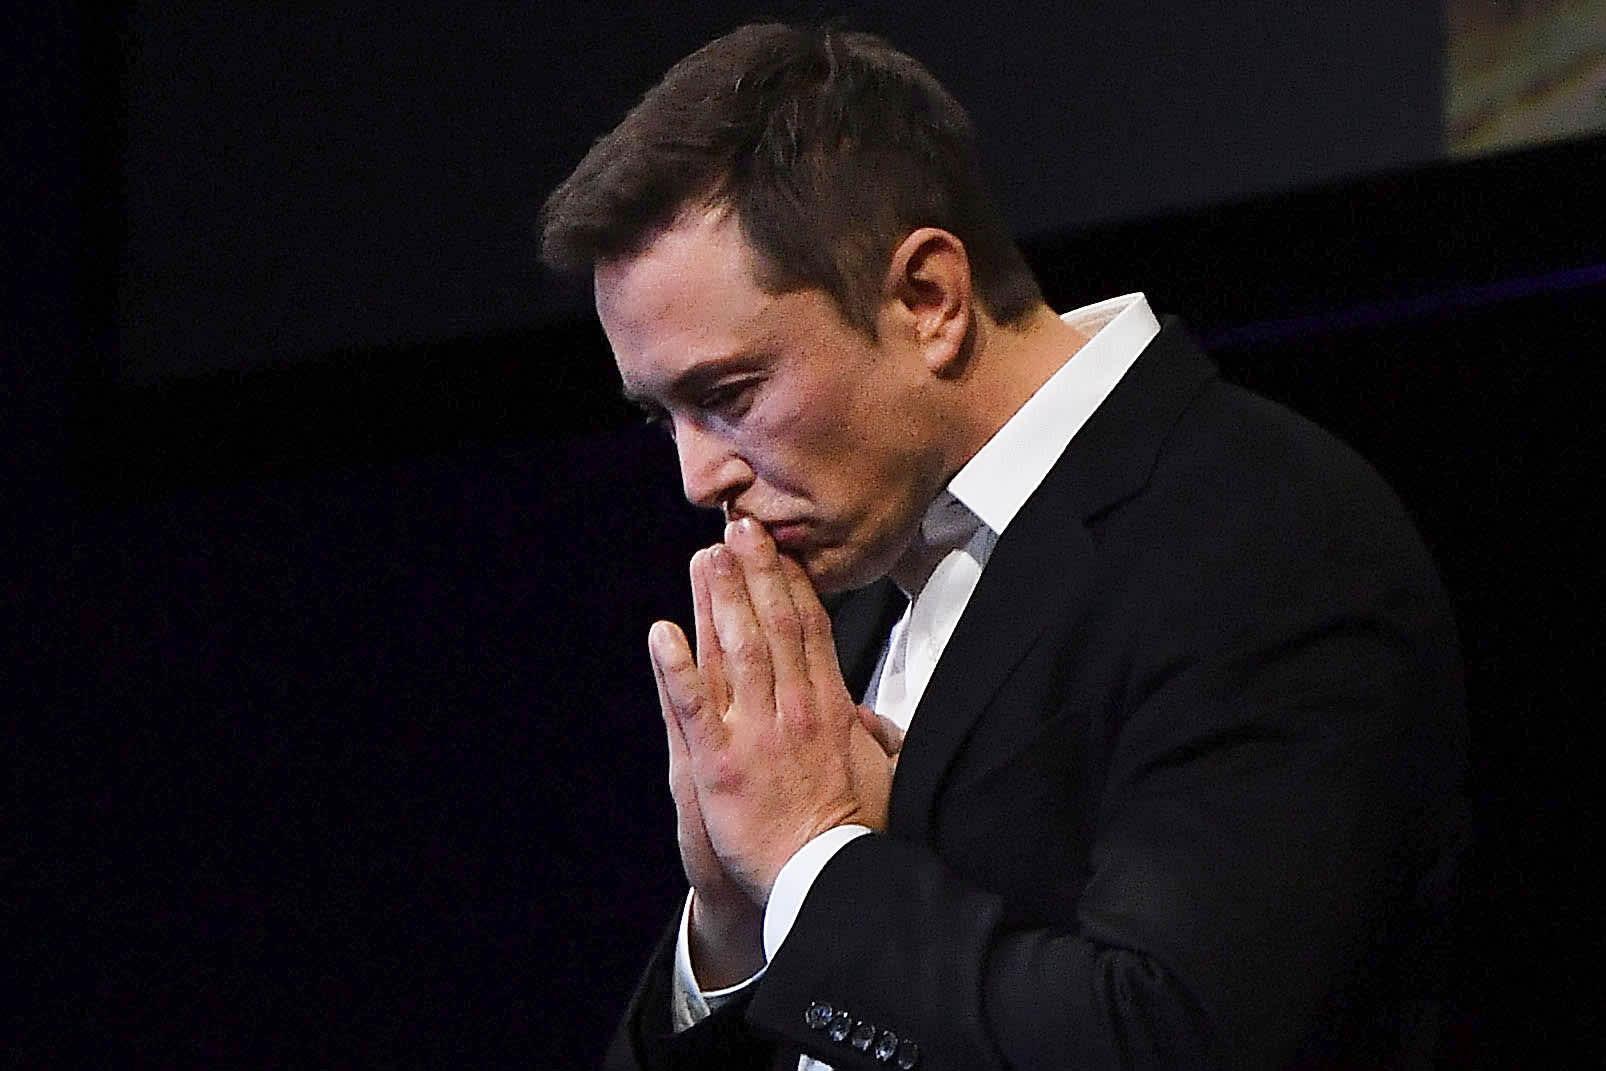 Мошенники, выдавшие себя за Илона Маска, похитили миллионы долларов